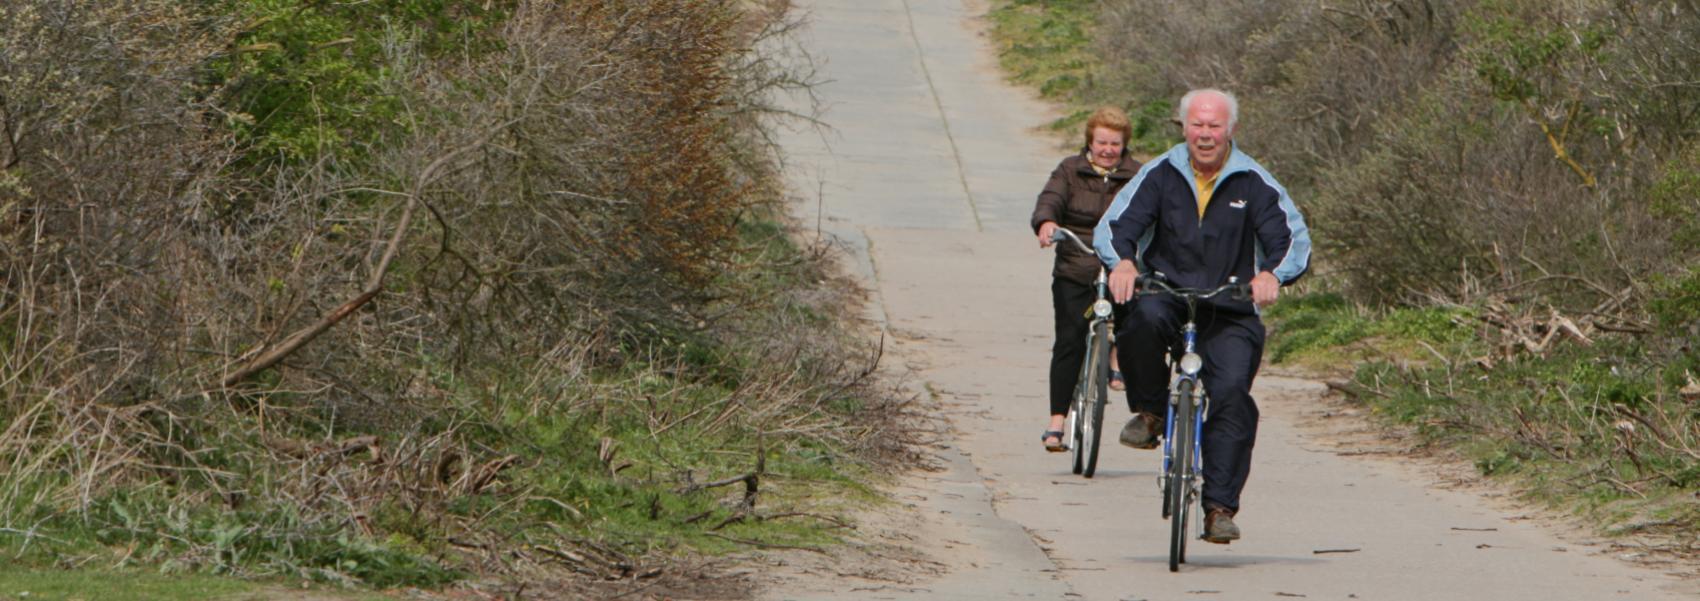 fietsers in de Zwinduinen